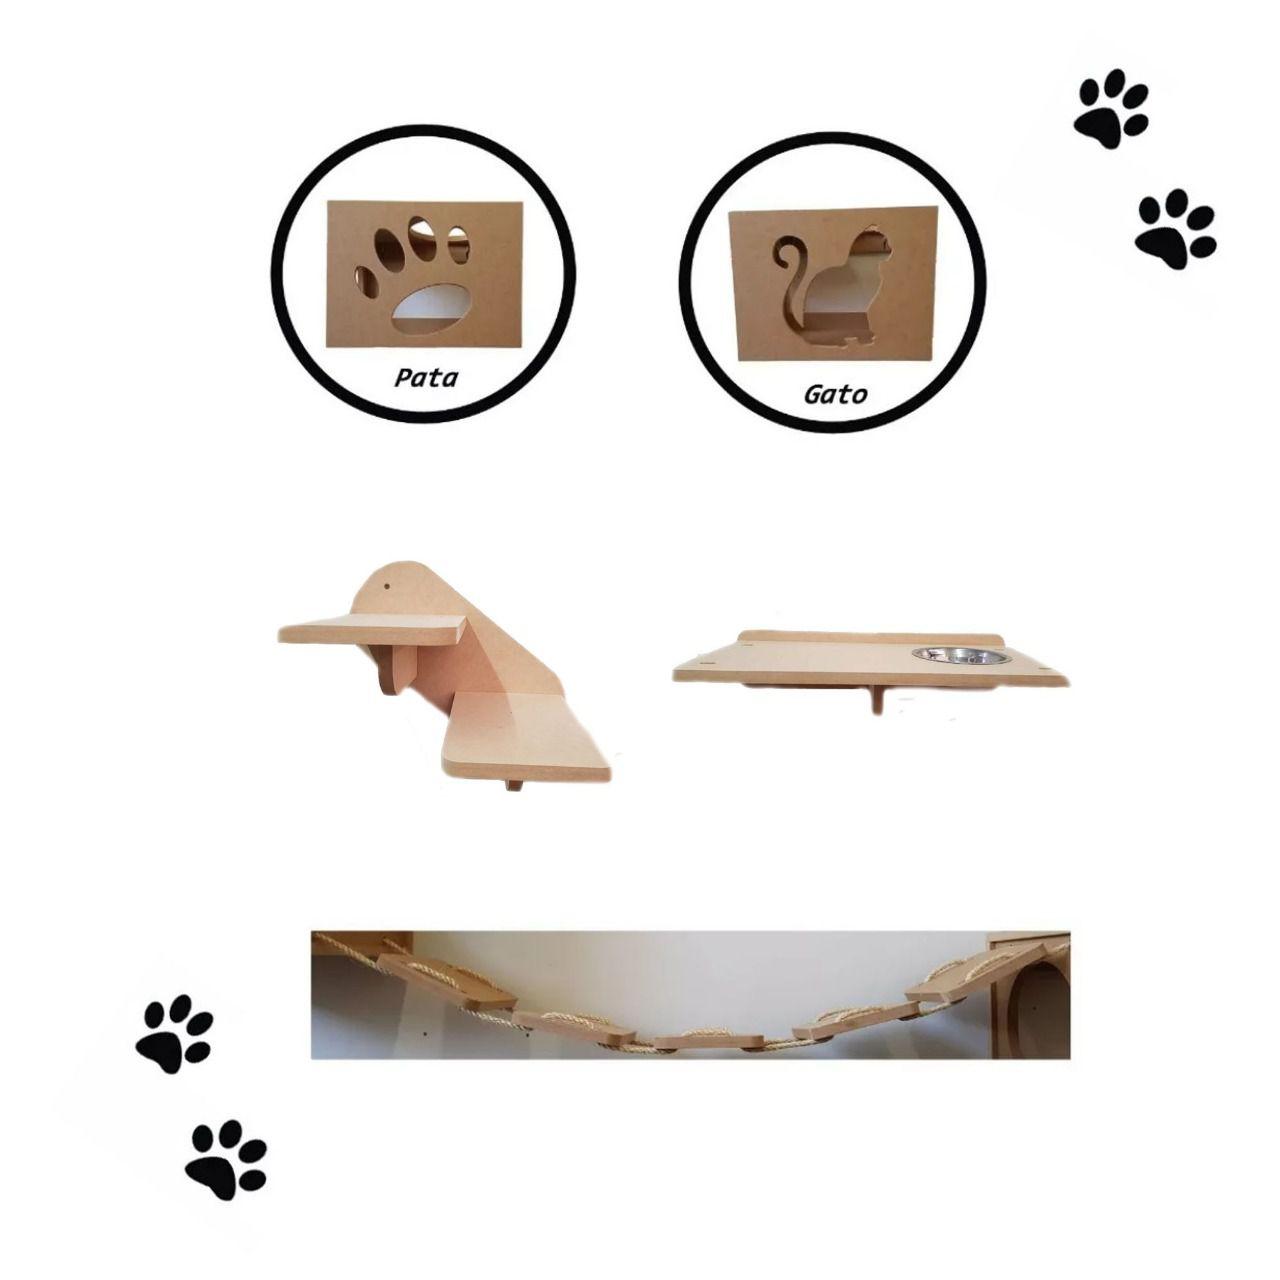 Nicho Gato - Kit Nicho para Gato - 5 peças =  2 Nichos + Ponte + Comedouro + Escada para Gato em MDF 15mm